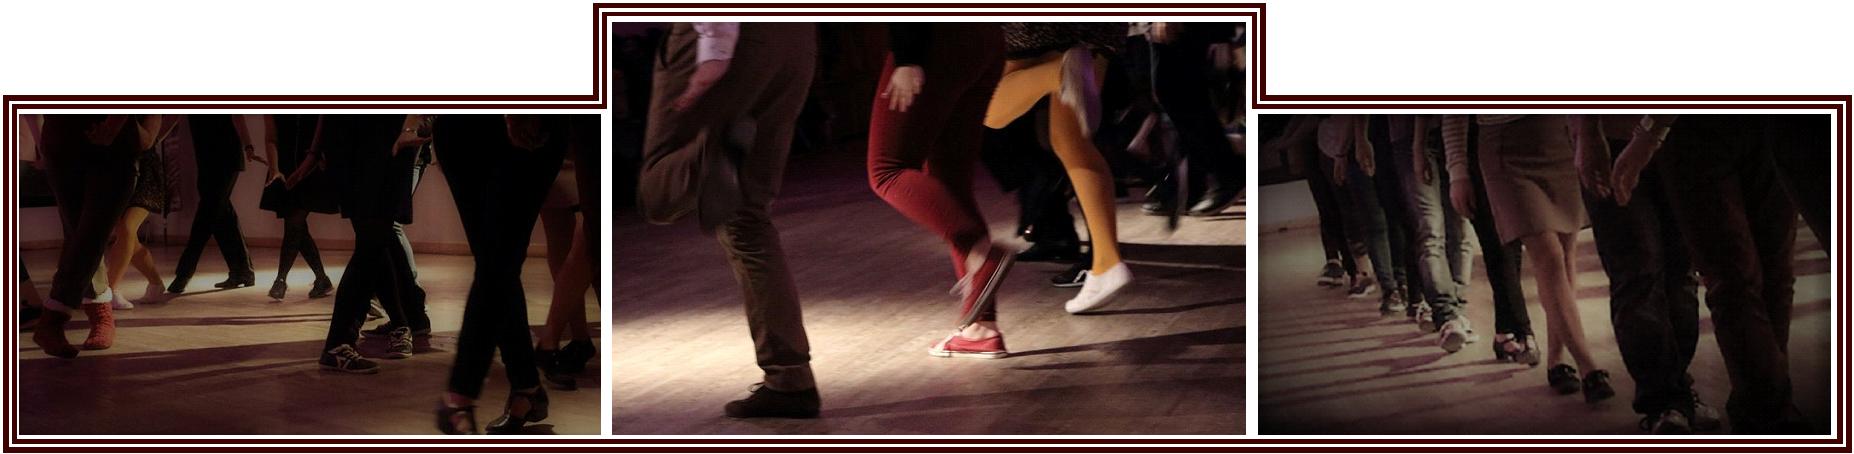 Danse Lindy Hop ecole de danse angouleme